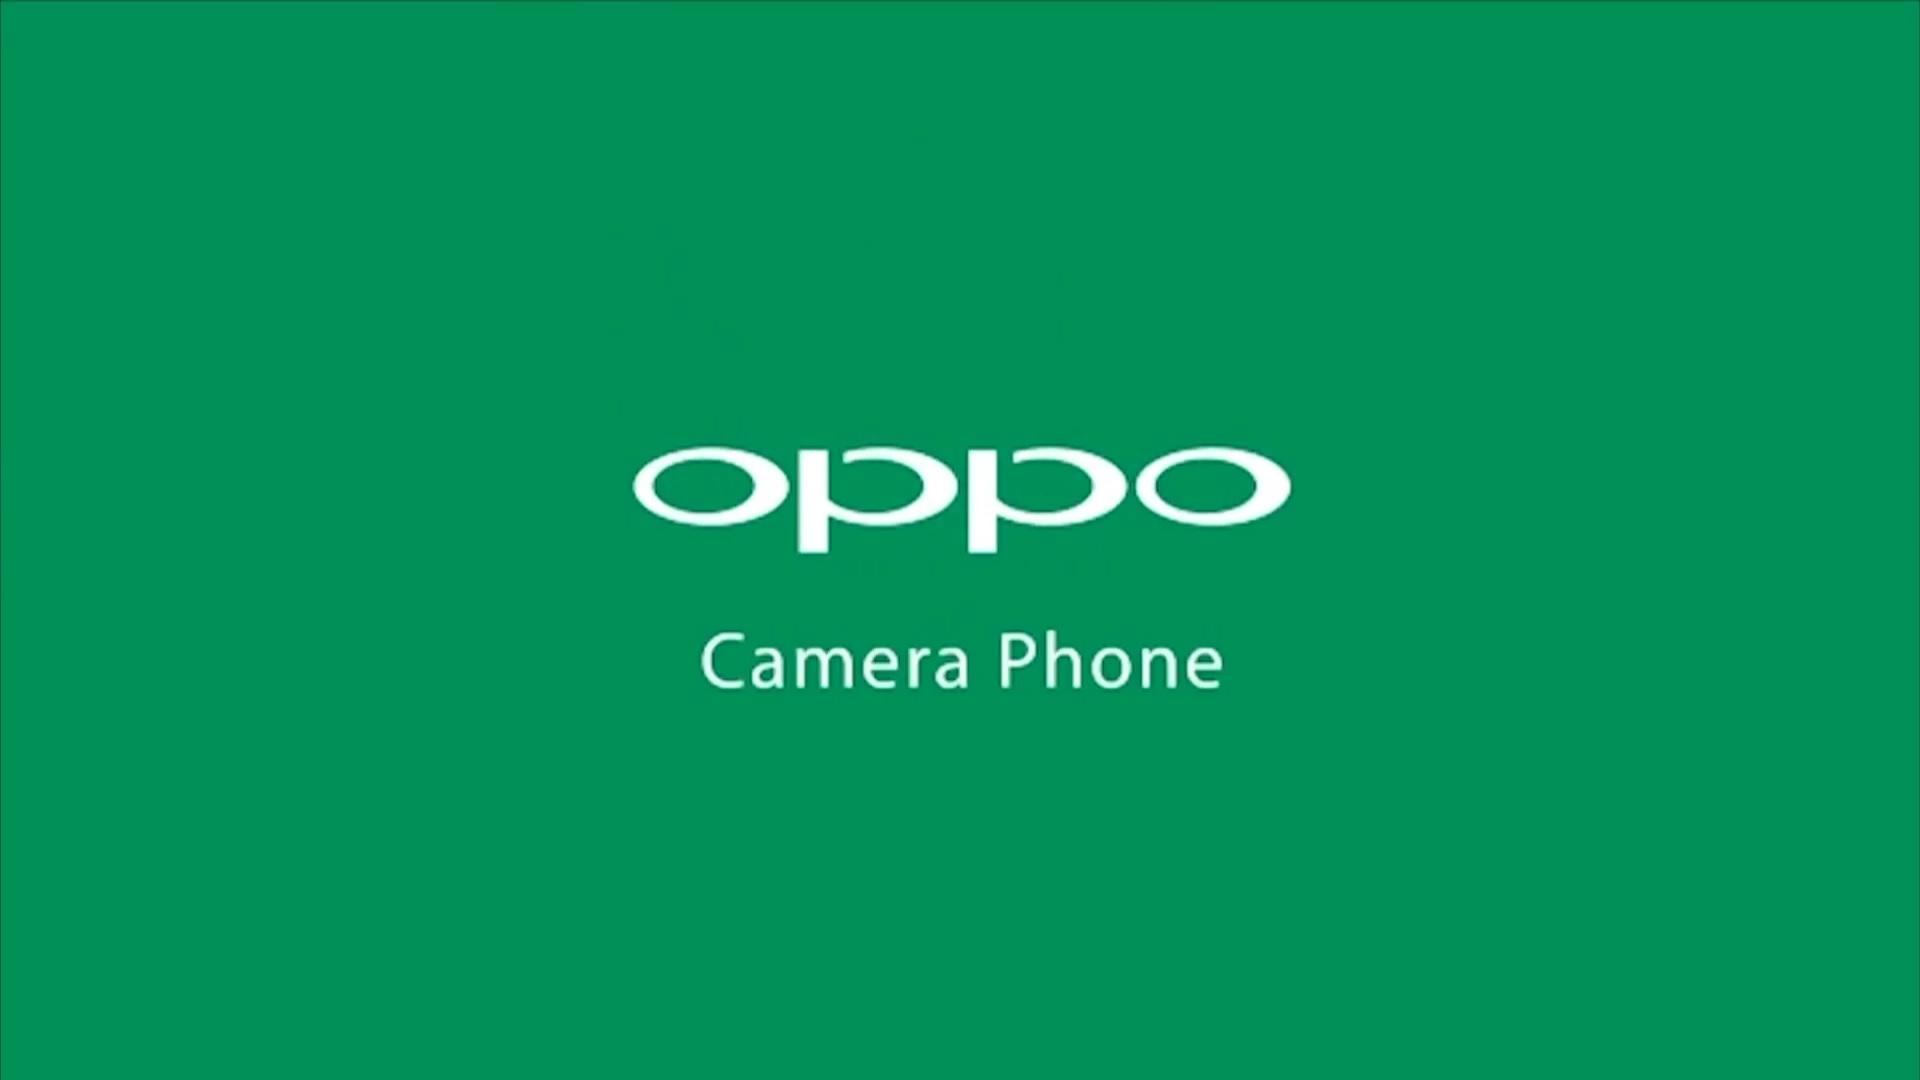 HP Android satu ini memang banyak penggemarnya Oppo smartphone pandai ban mencuri hati masyarakat Hal itu karena selain harganya yang terjangkau namun